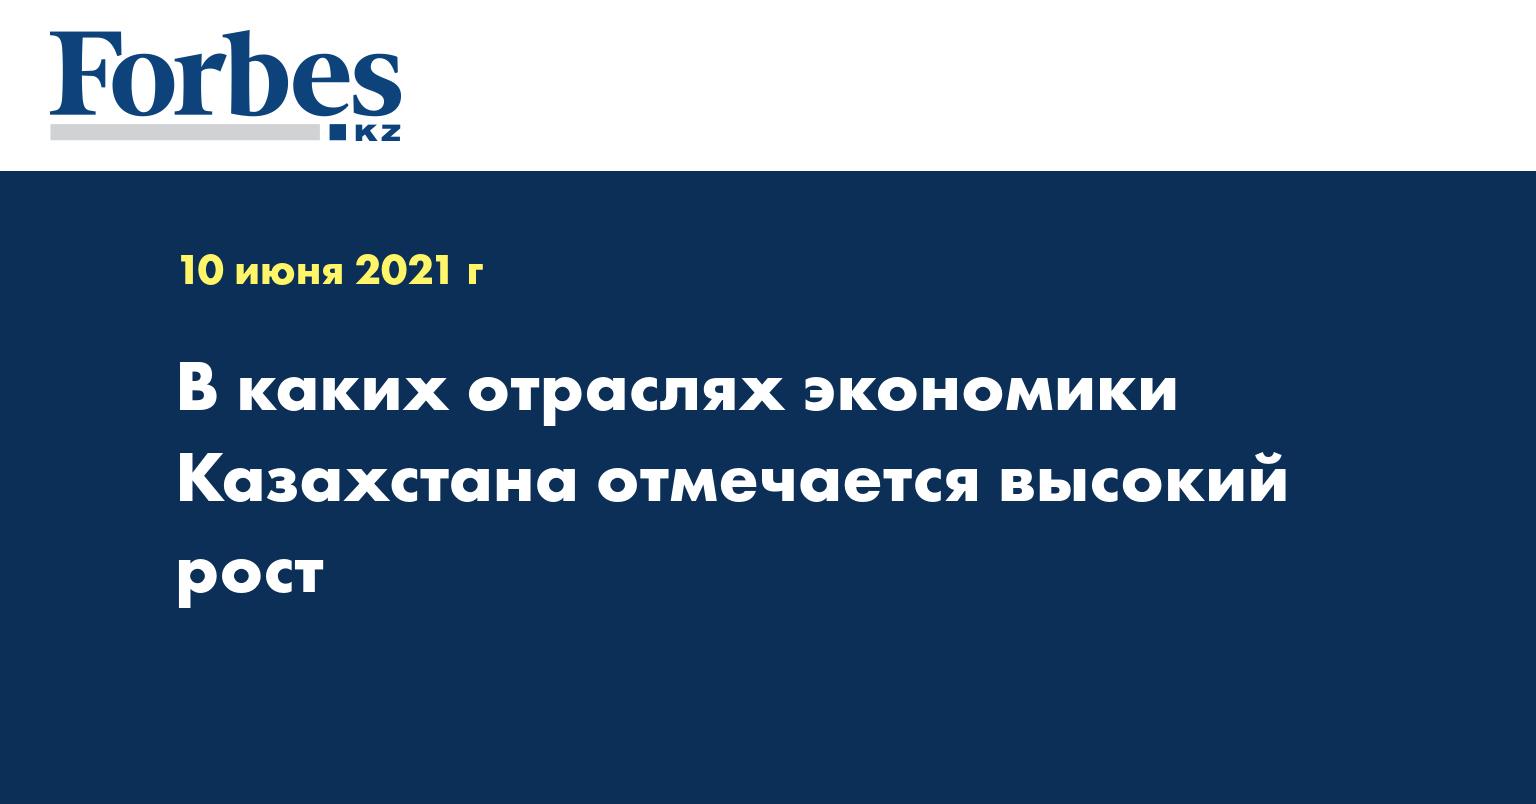 В каких отраслях экономики Казахстана отмечается высокий рост